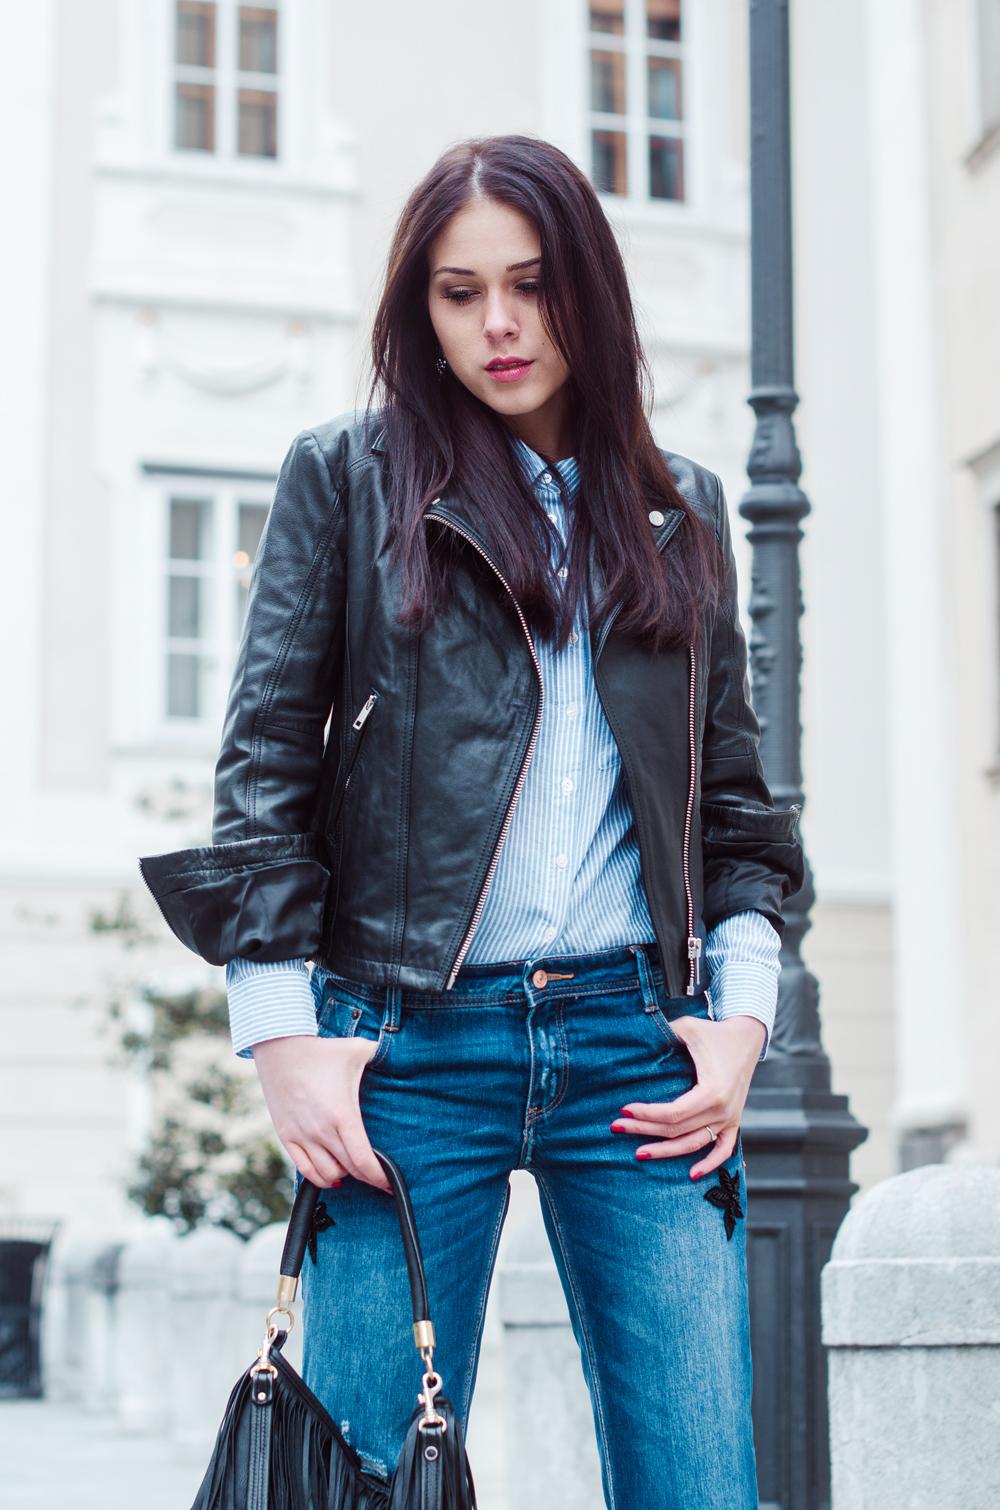 Eva Ahačevčič_Love, Eva_Diesel_leather jacket_Modni dodatki Bling bling_Crop pants_OOTD_Fringes_H&M 4